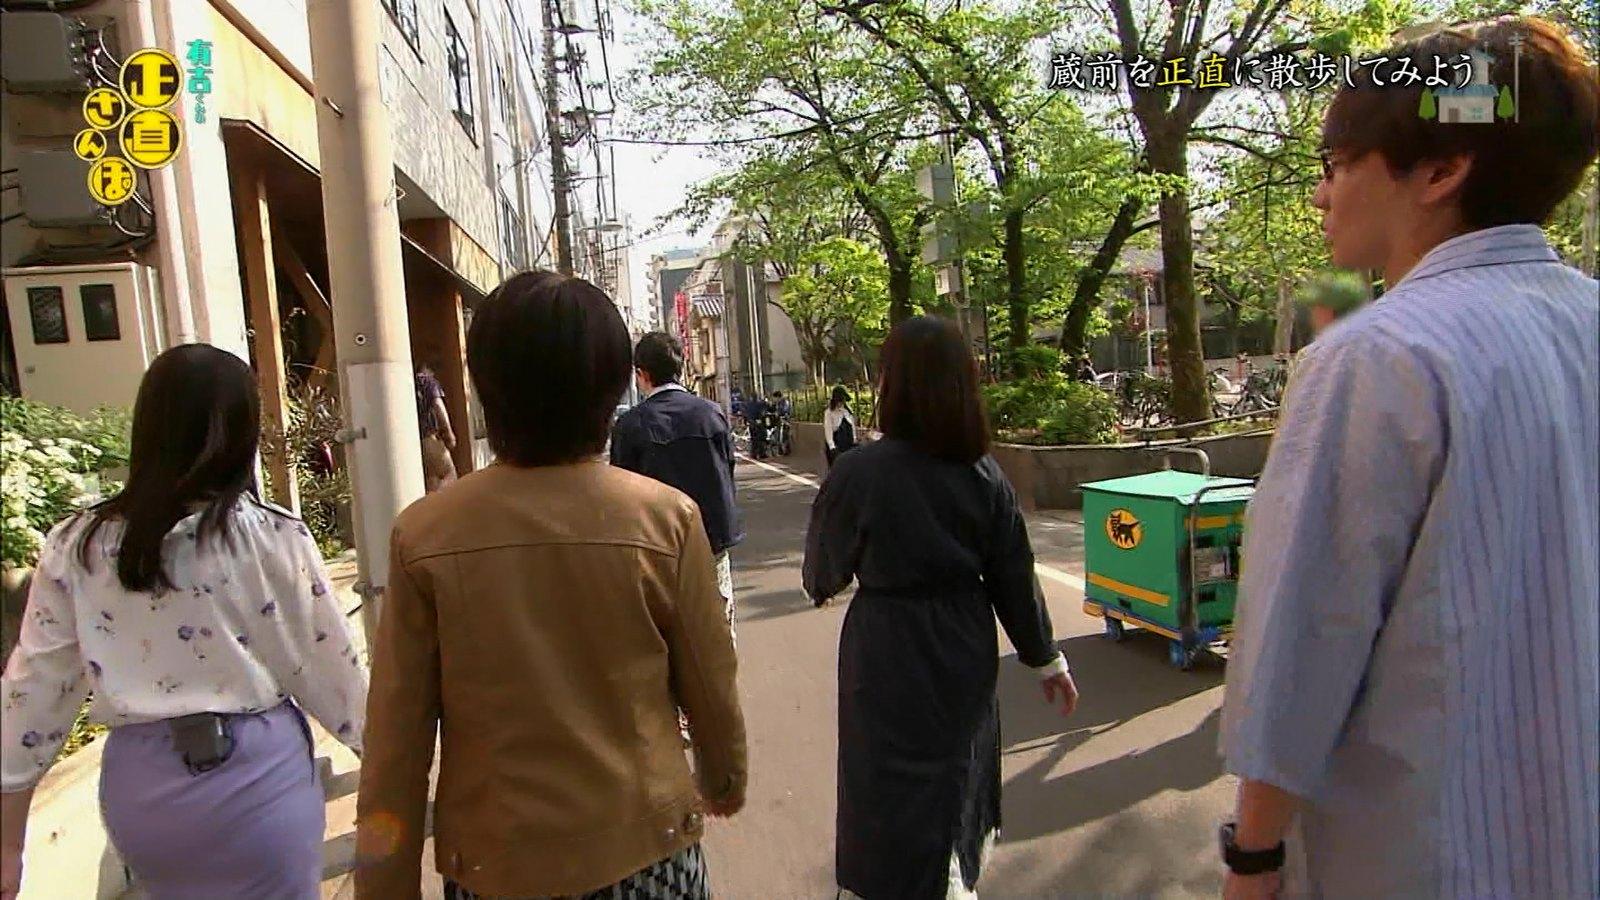 2019年5月18日「有吉くんの正直さんぽ」森山るりさんのテレビキャプチャー画像-004